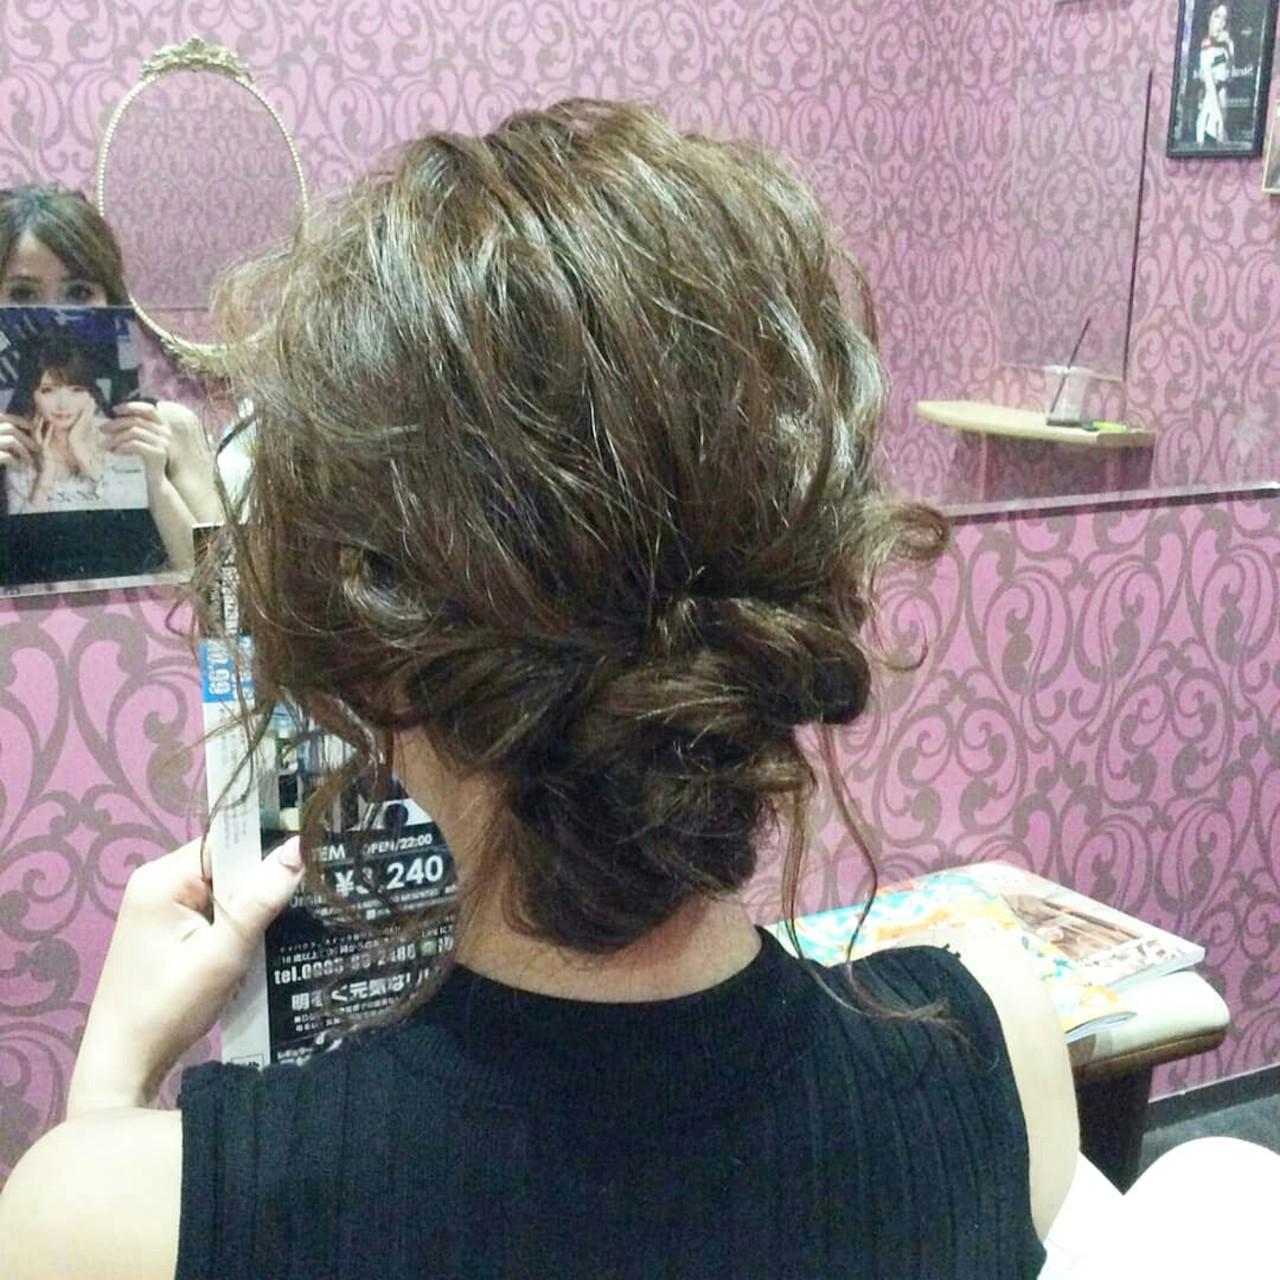 エレガント 上品 ミディアム 結婚式 ヘアスタイルや髪型の写真・画像 | rumiLINKS美容室 / リンクス美容室